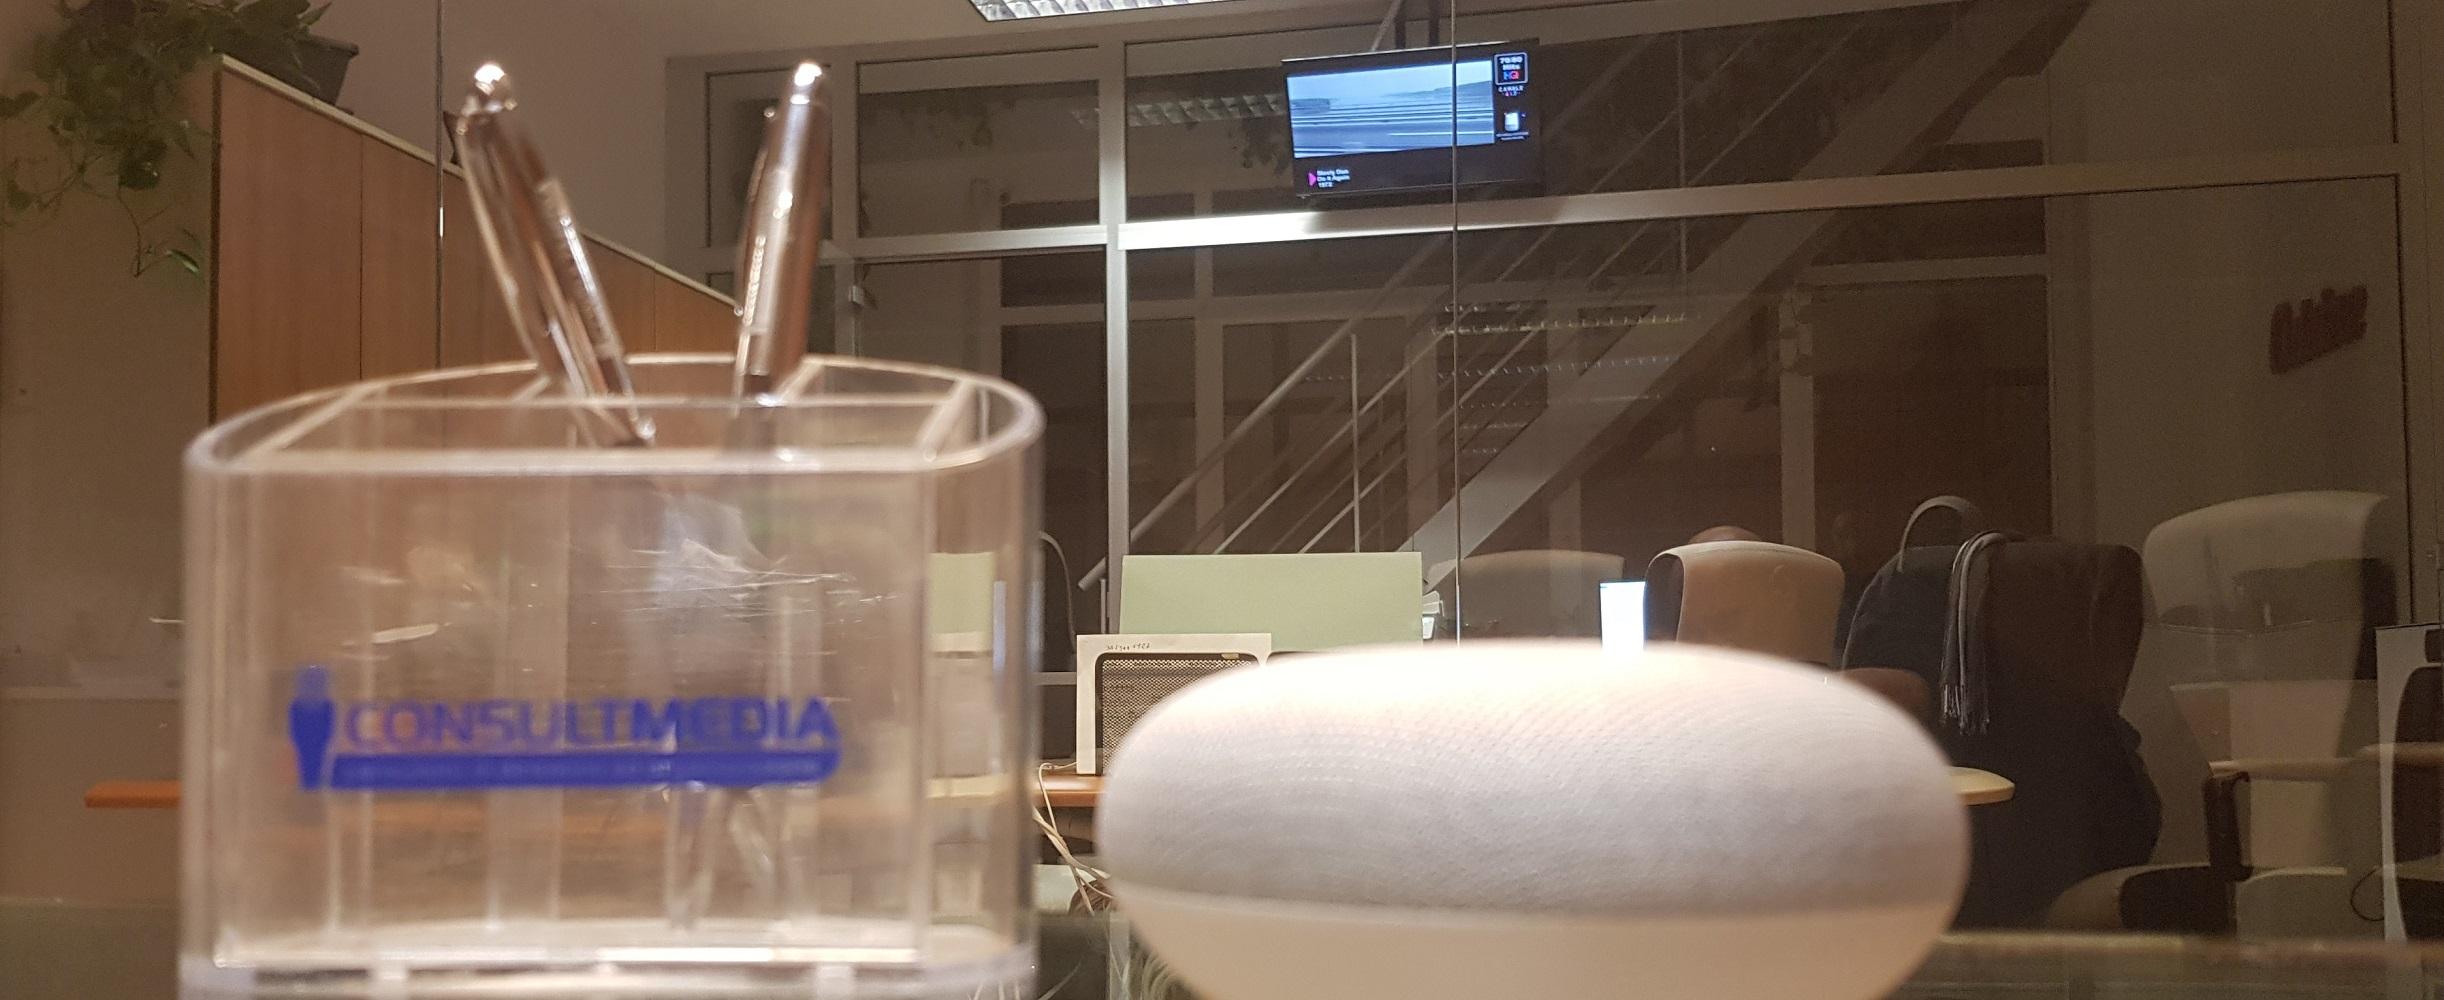 Consultmedia Google uffici digital 2 - Radio. Riunione Mise: tutti contro lo switch-off della FM, anche se nessun editore si fa illusioni sul futuro della diffusione analogica